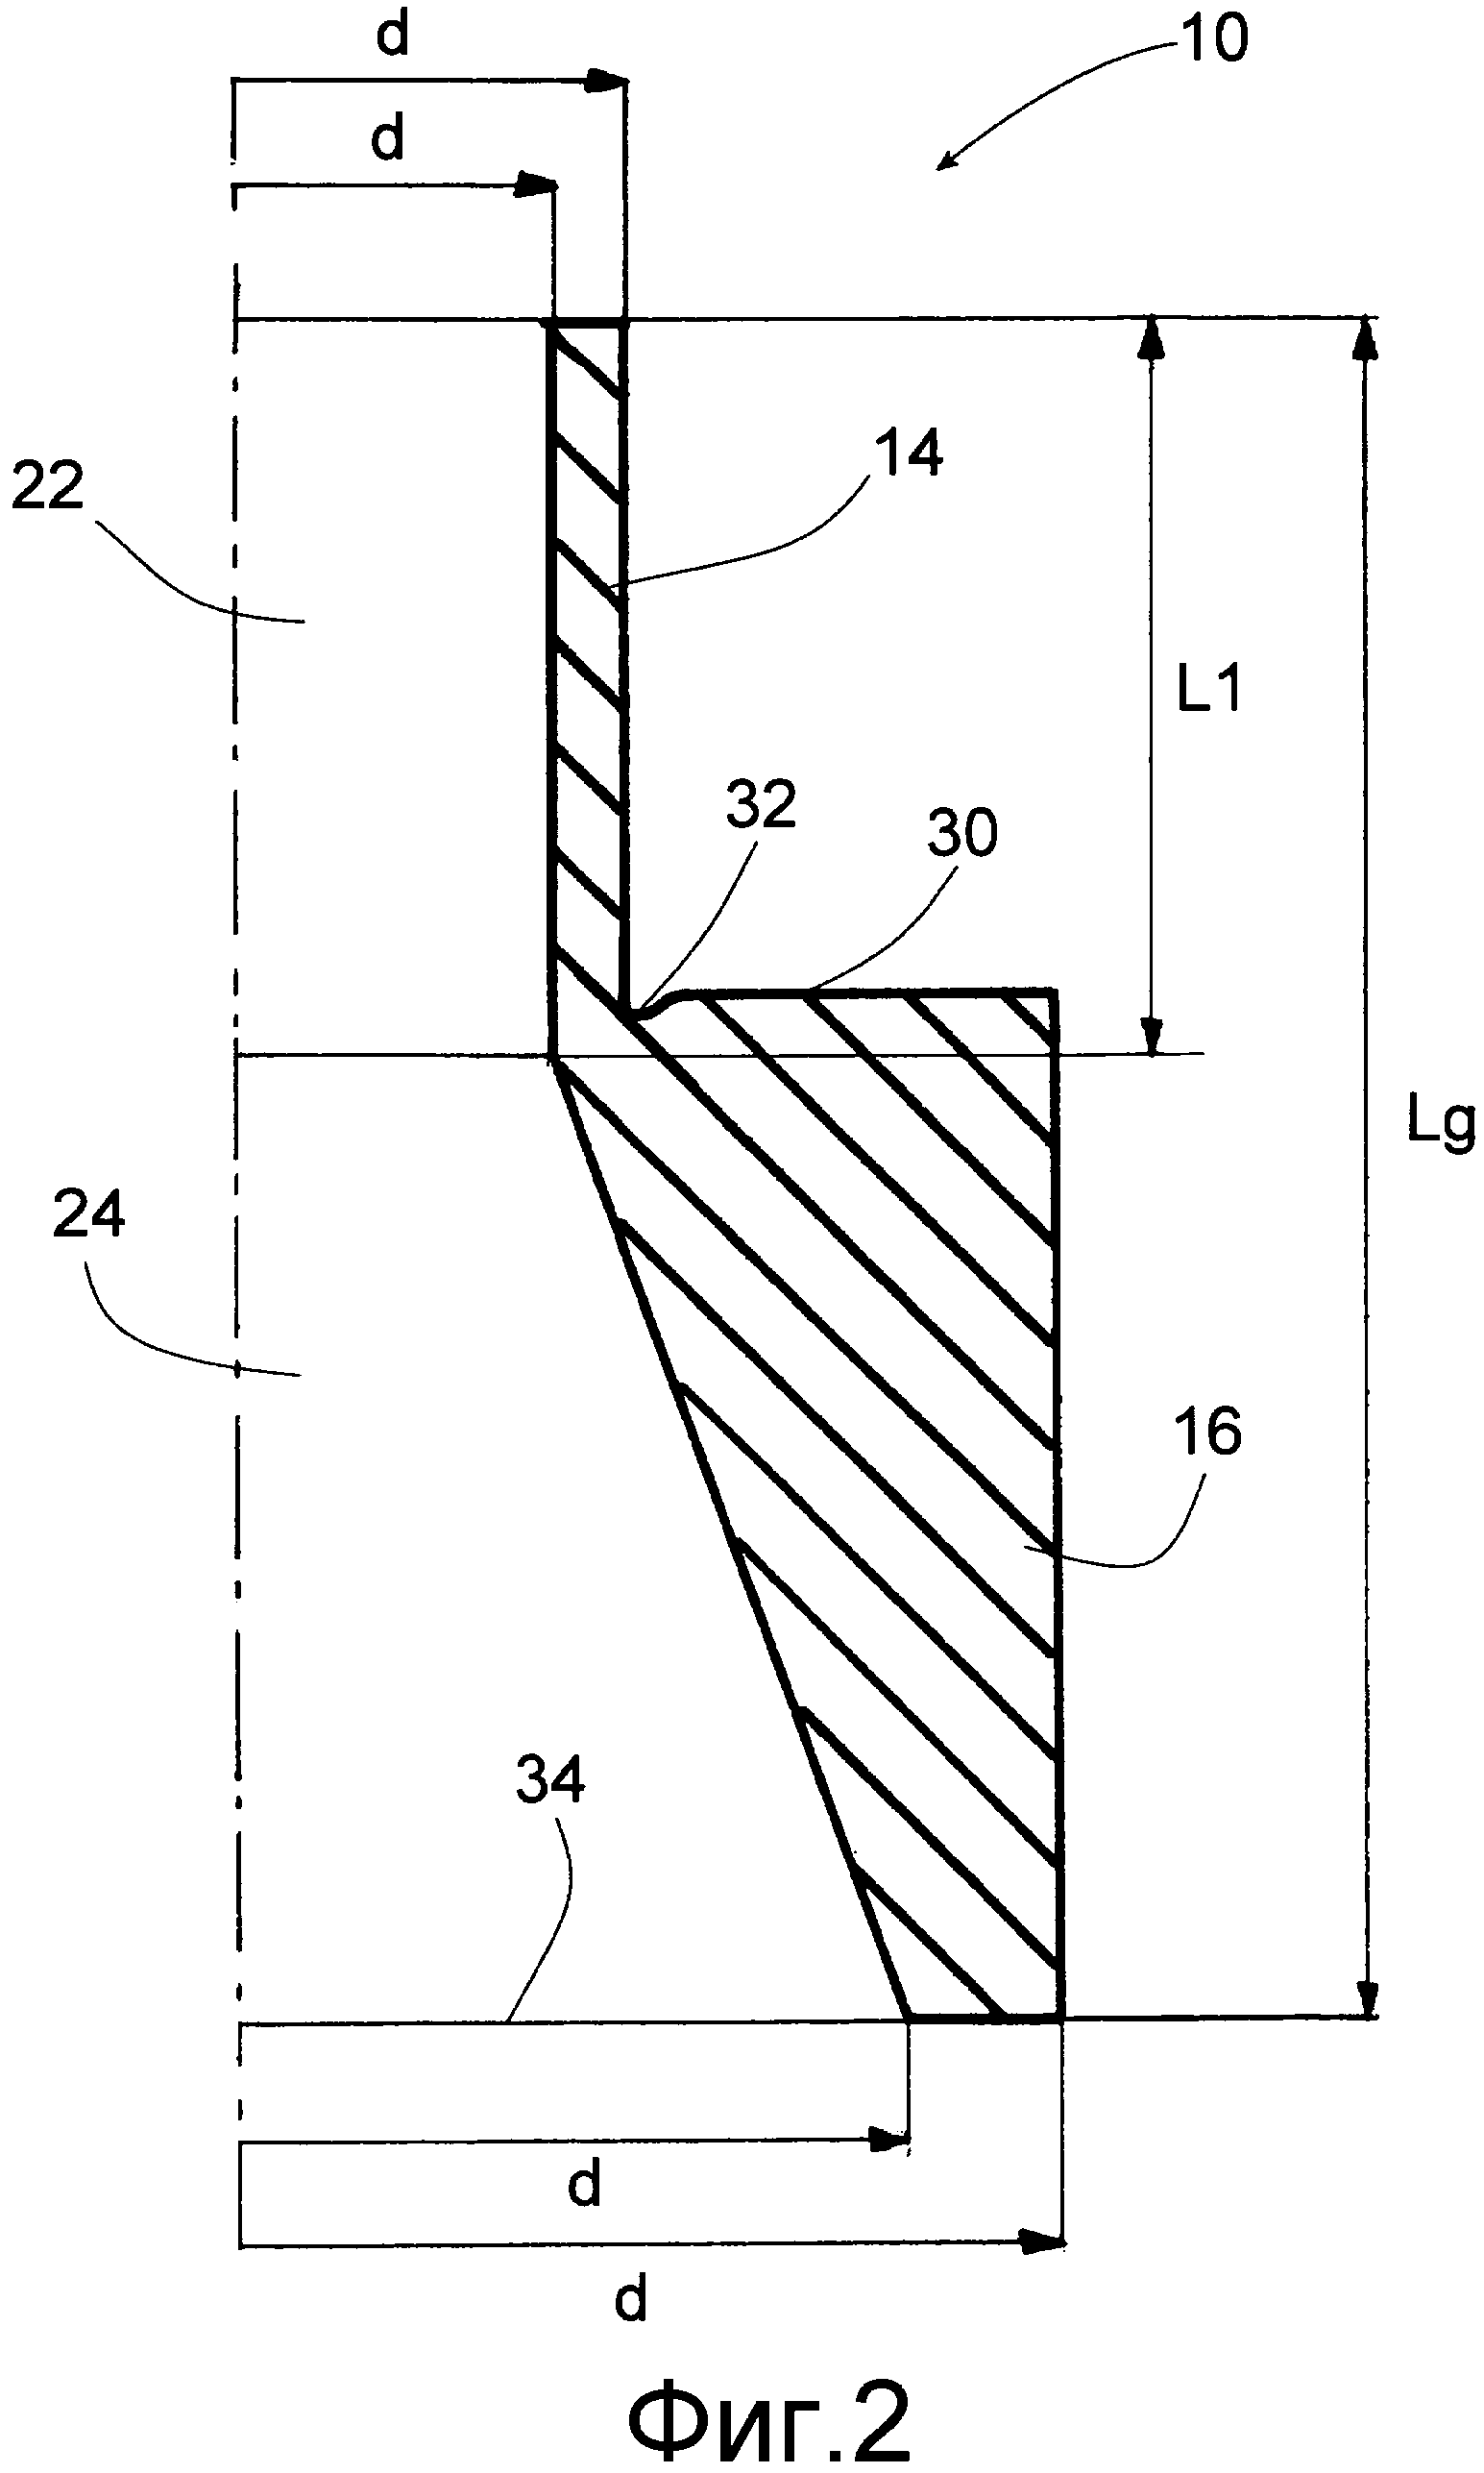 Трубная переходная муфта из пластмассового материала